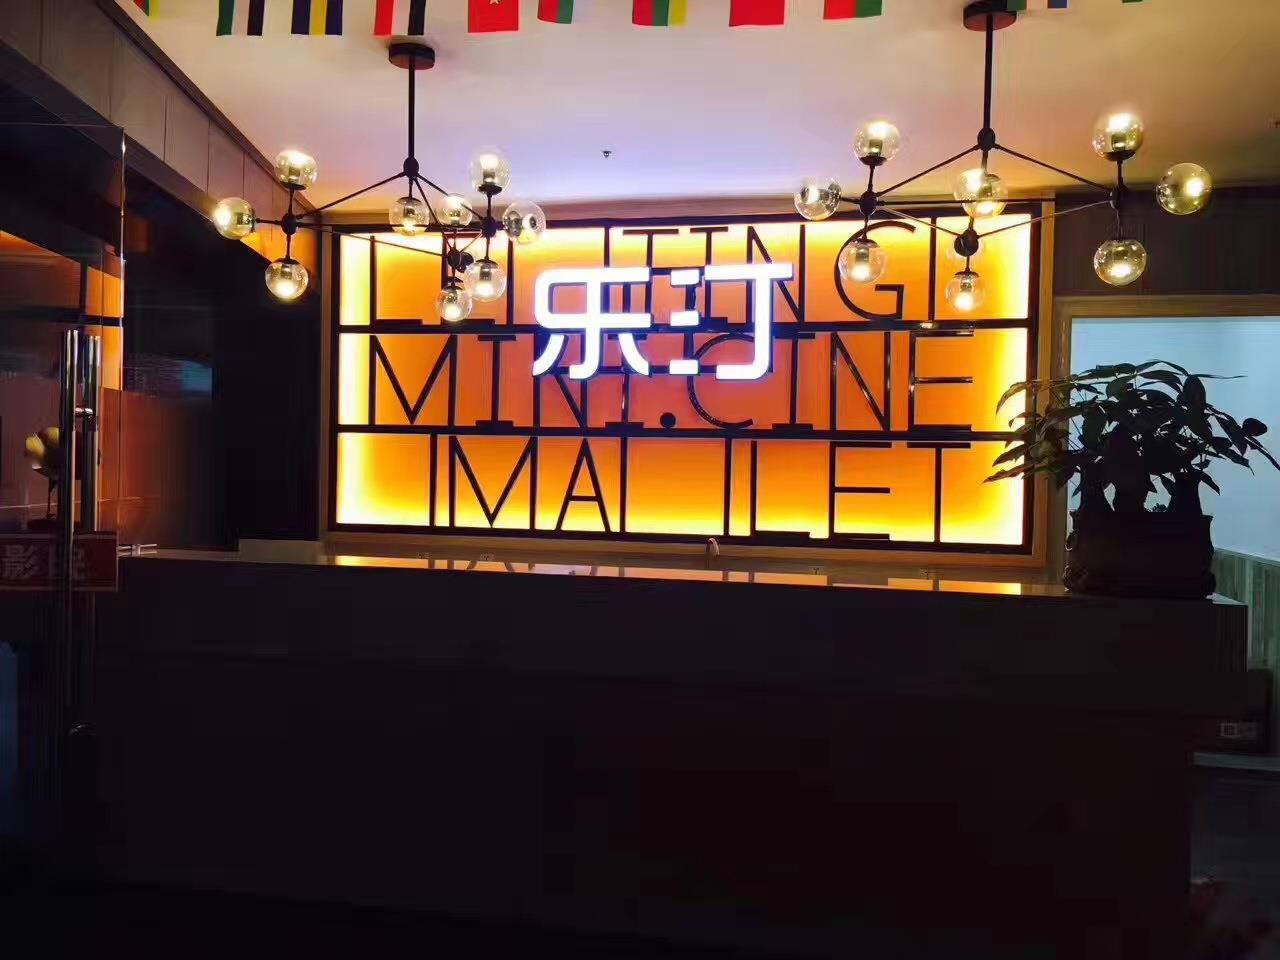 安徽合肥北乐门_凝心聚力 | 乐汀20家新店开业,加盟版图持续扩张领跑新征程!